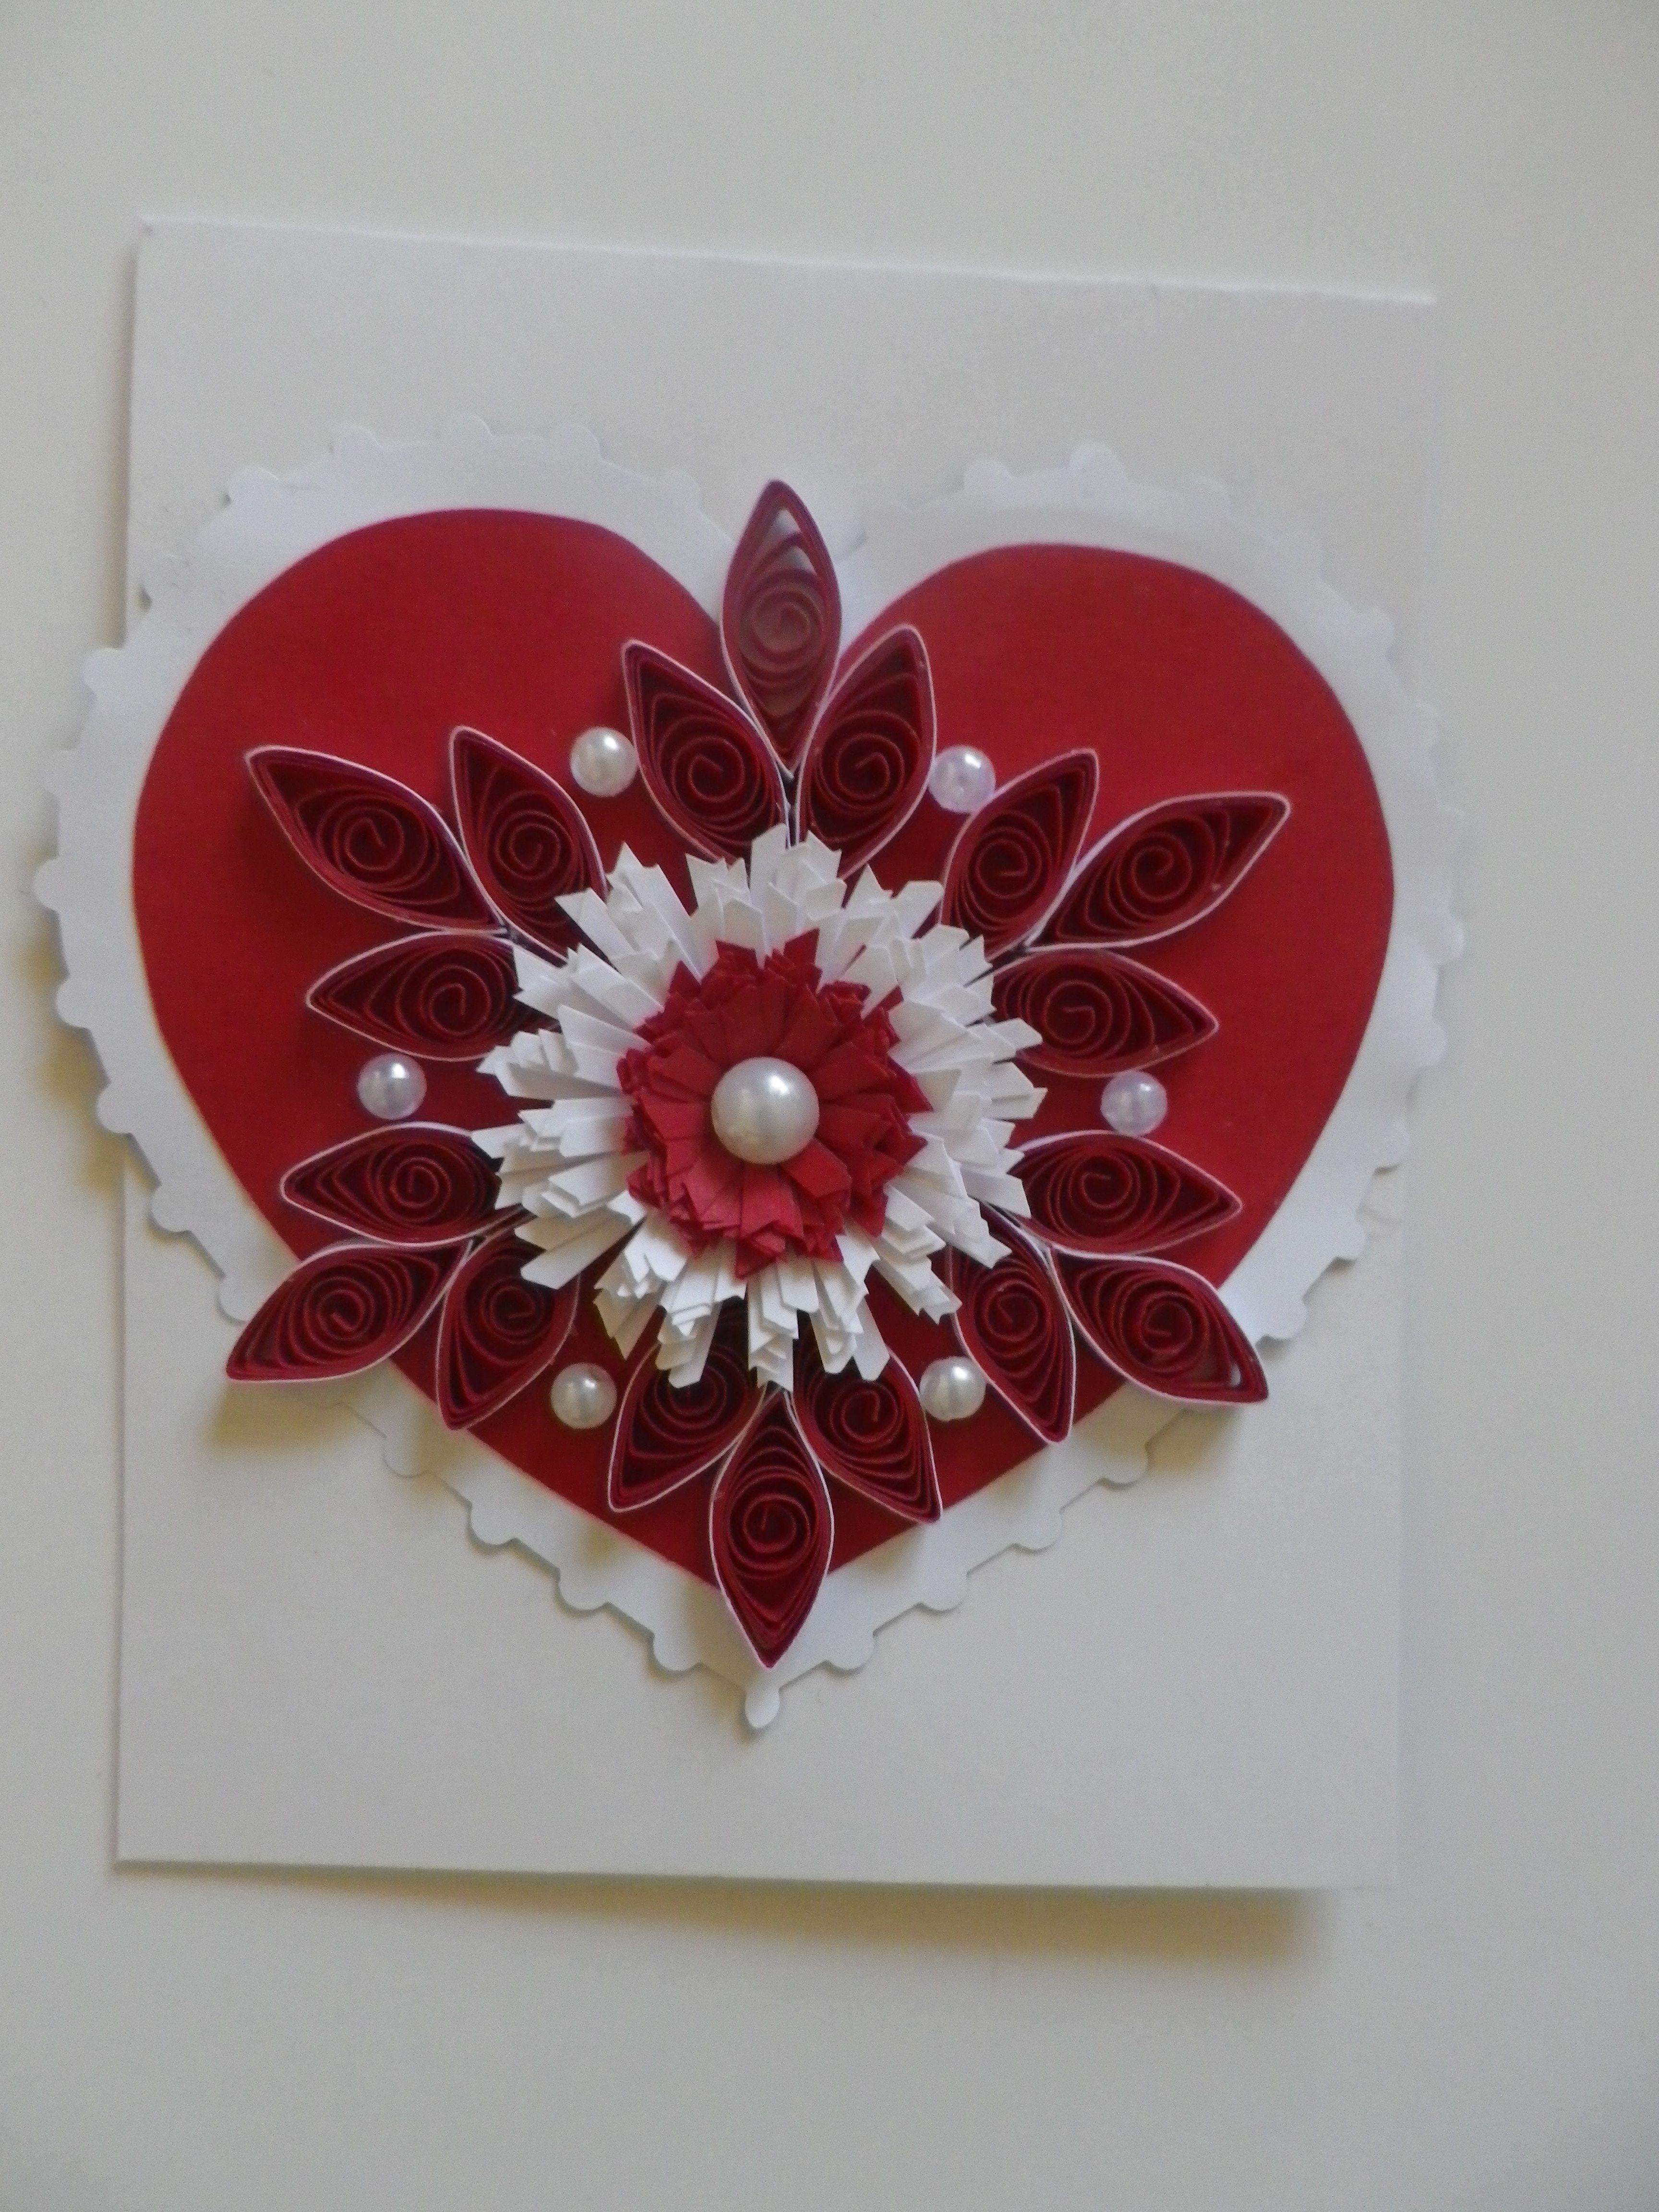 Carte de voeux artistique coeur rouge, modèle unique fait main par AnamorArt